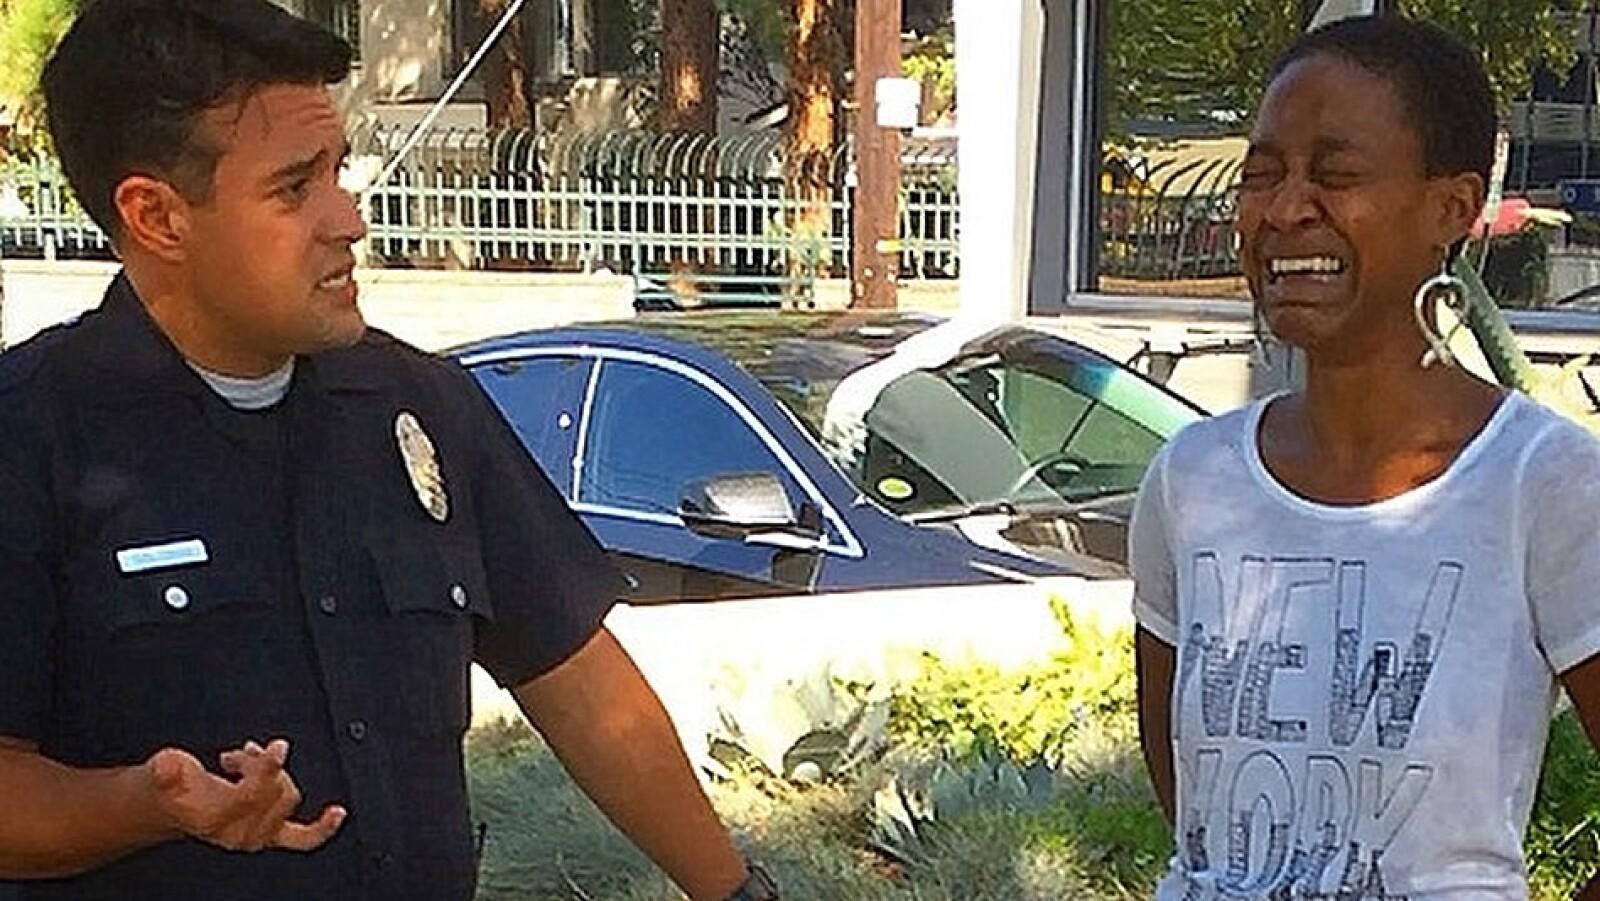 Daniele Watts arrestada esposada llanto